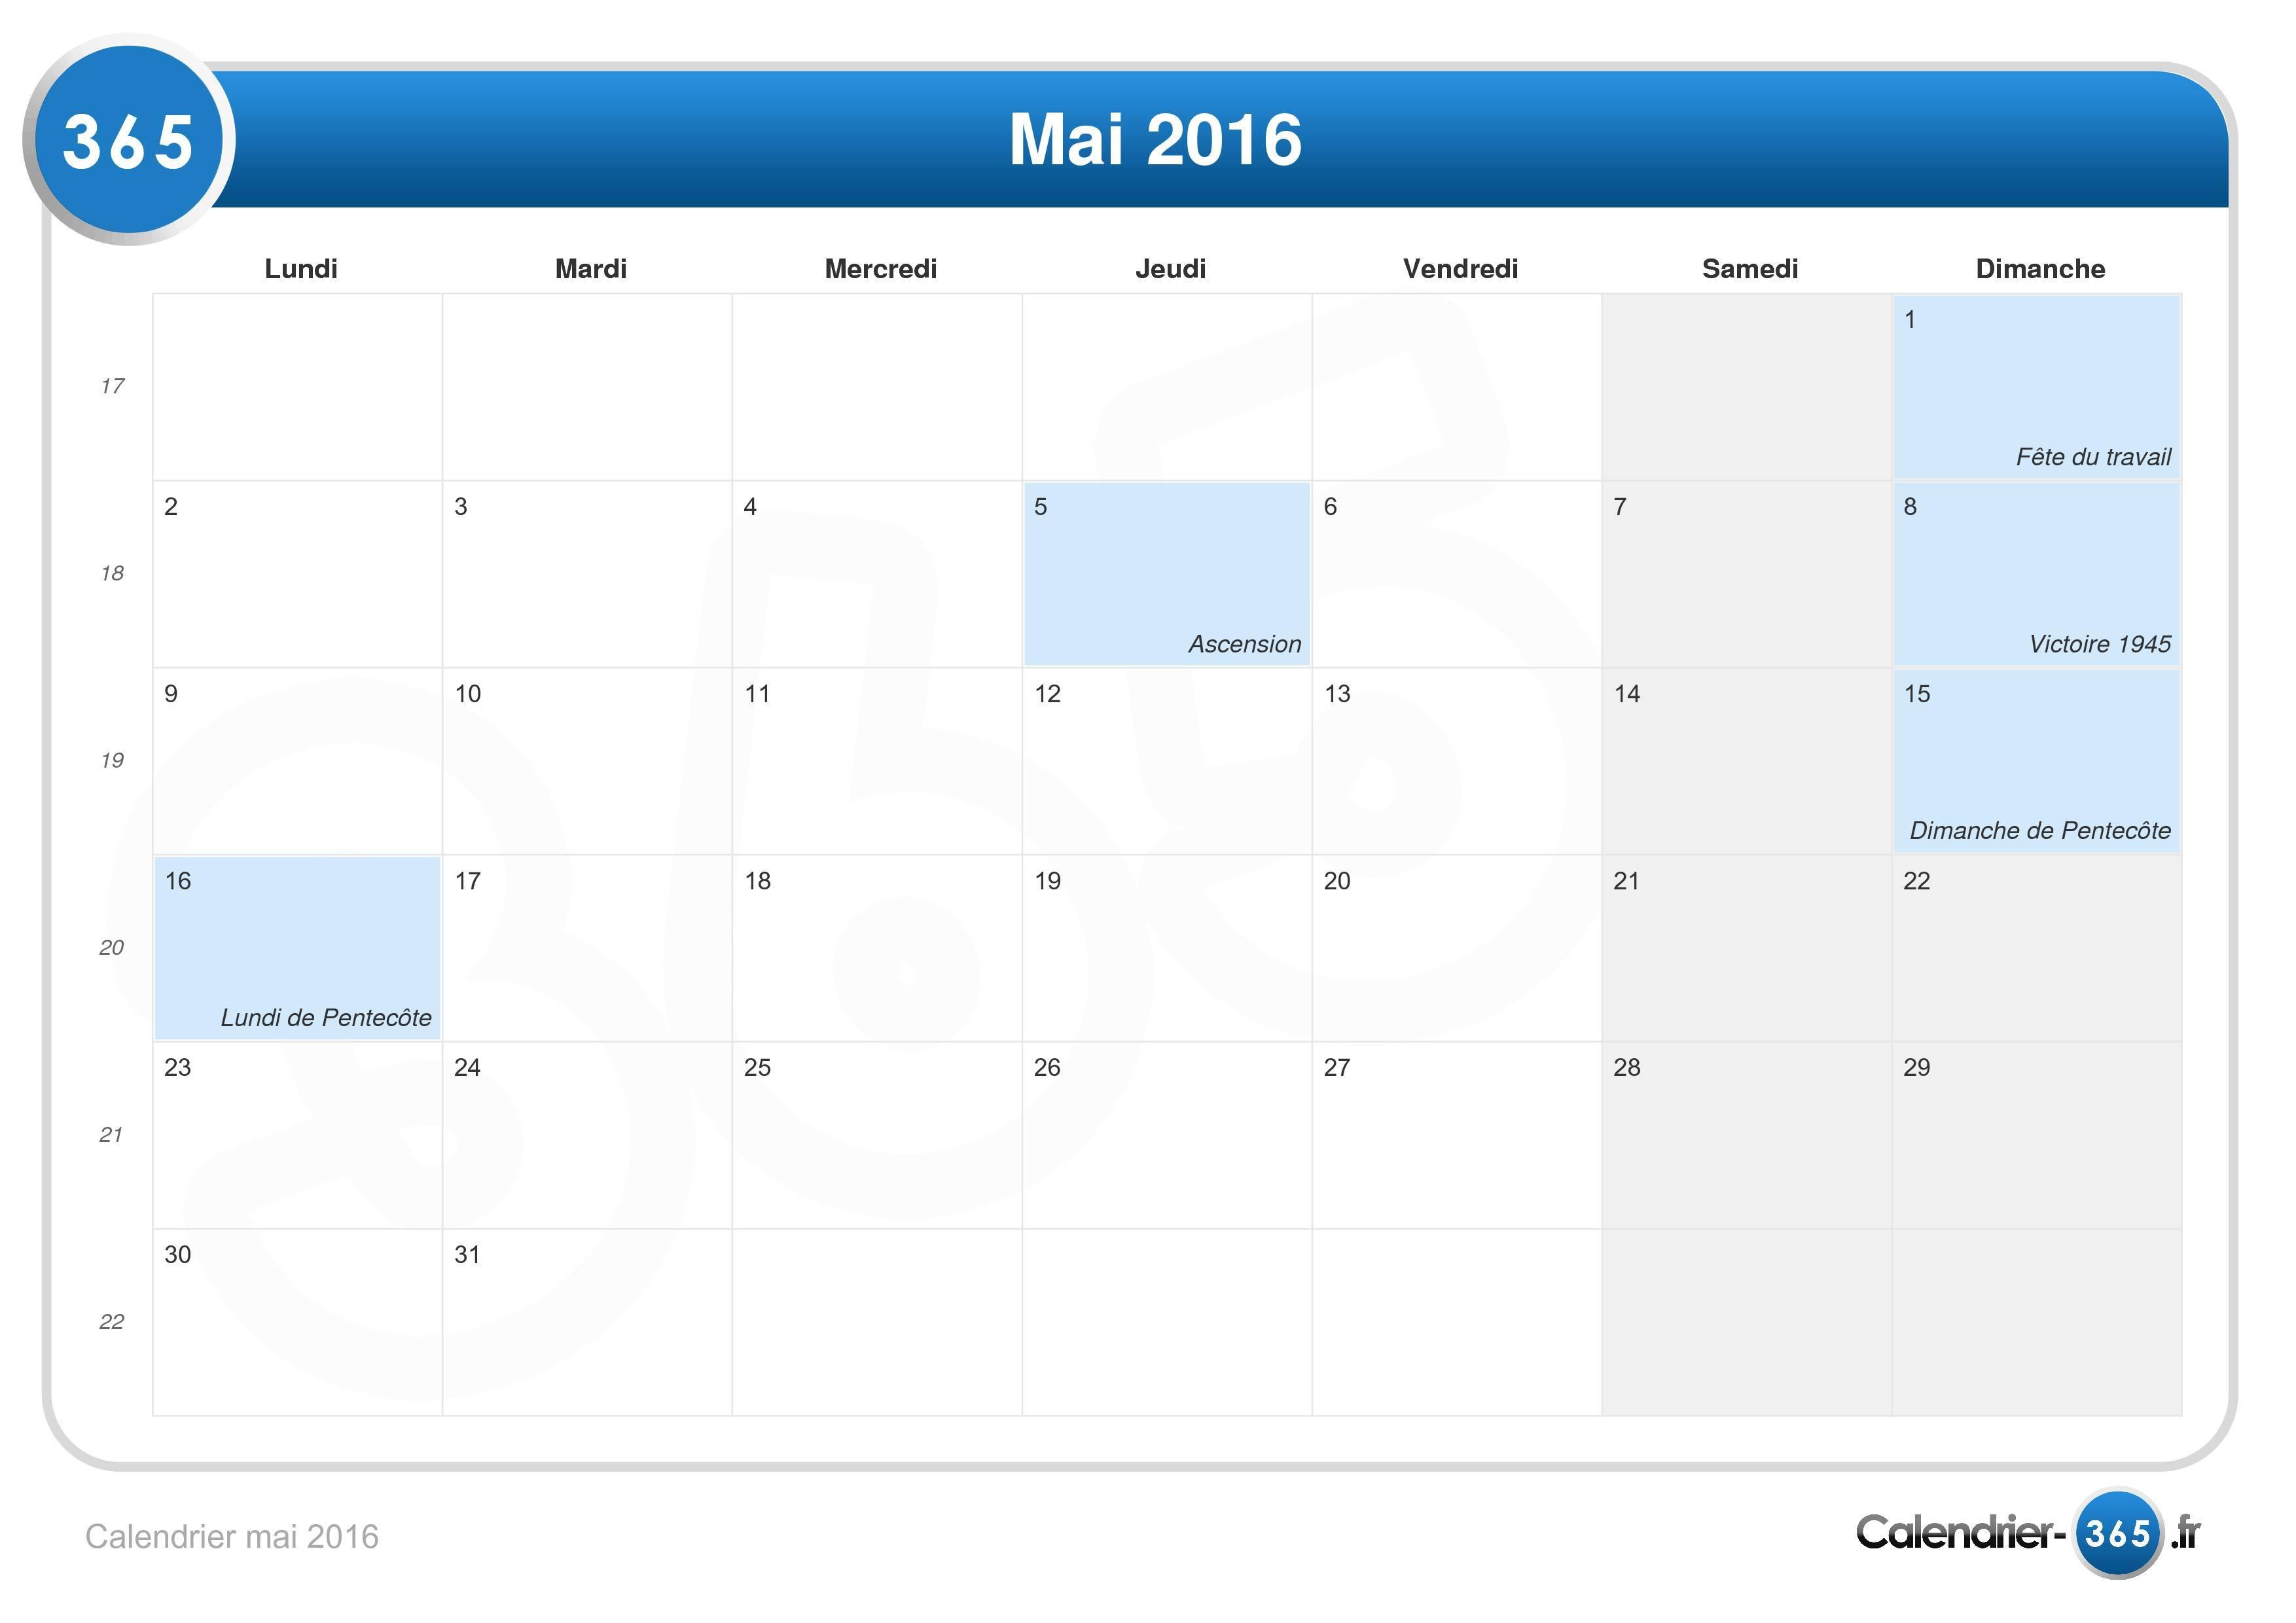 Calendrier mai 2016 - Jour de l ascension 2017 ...